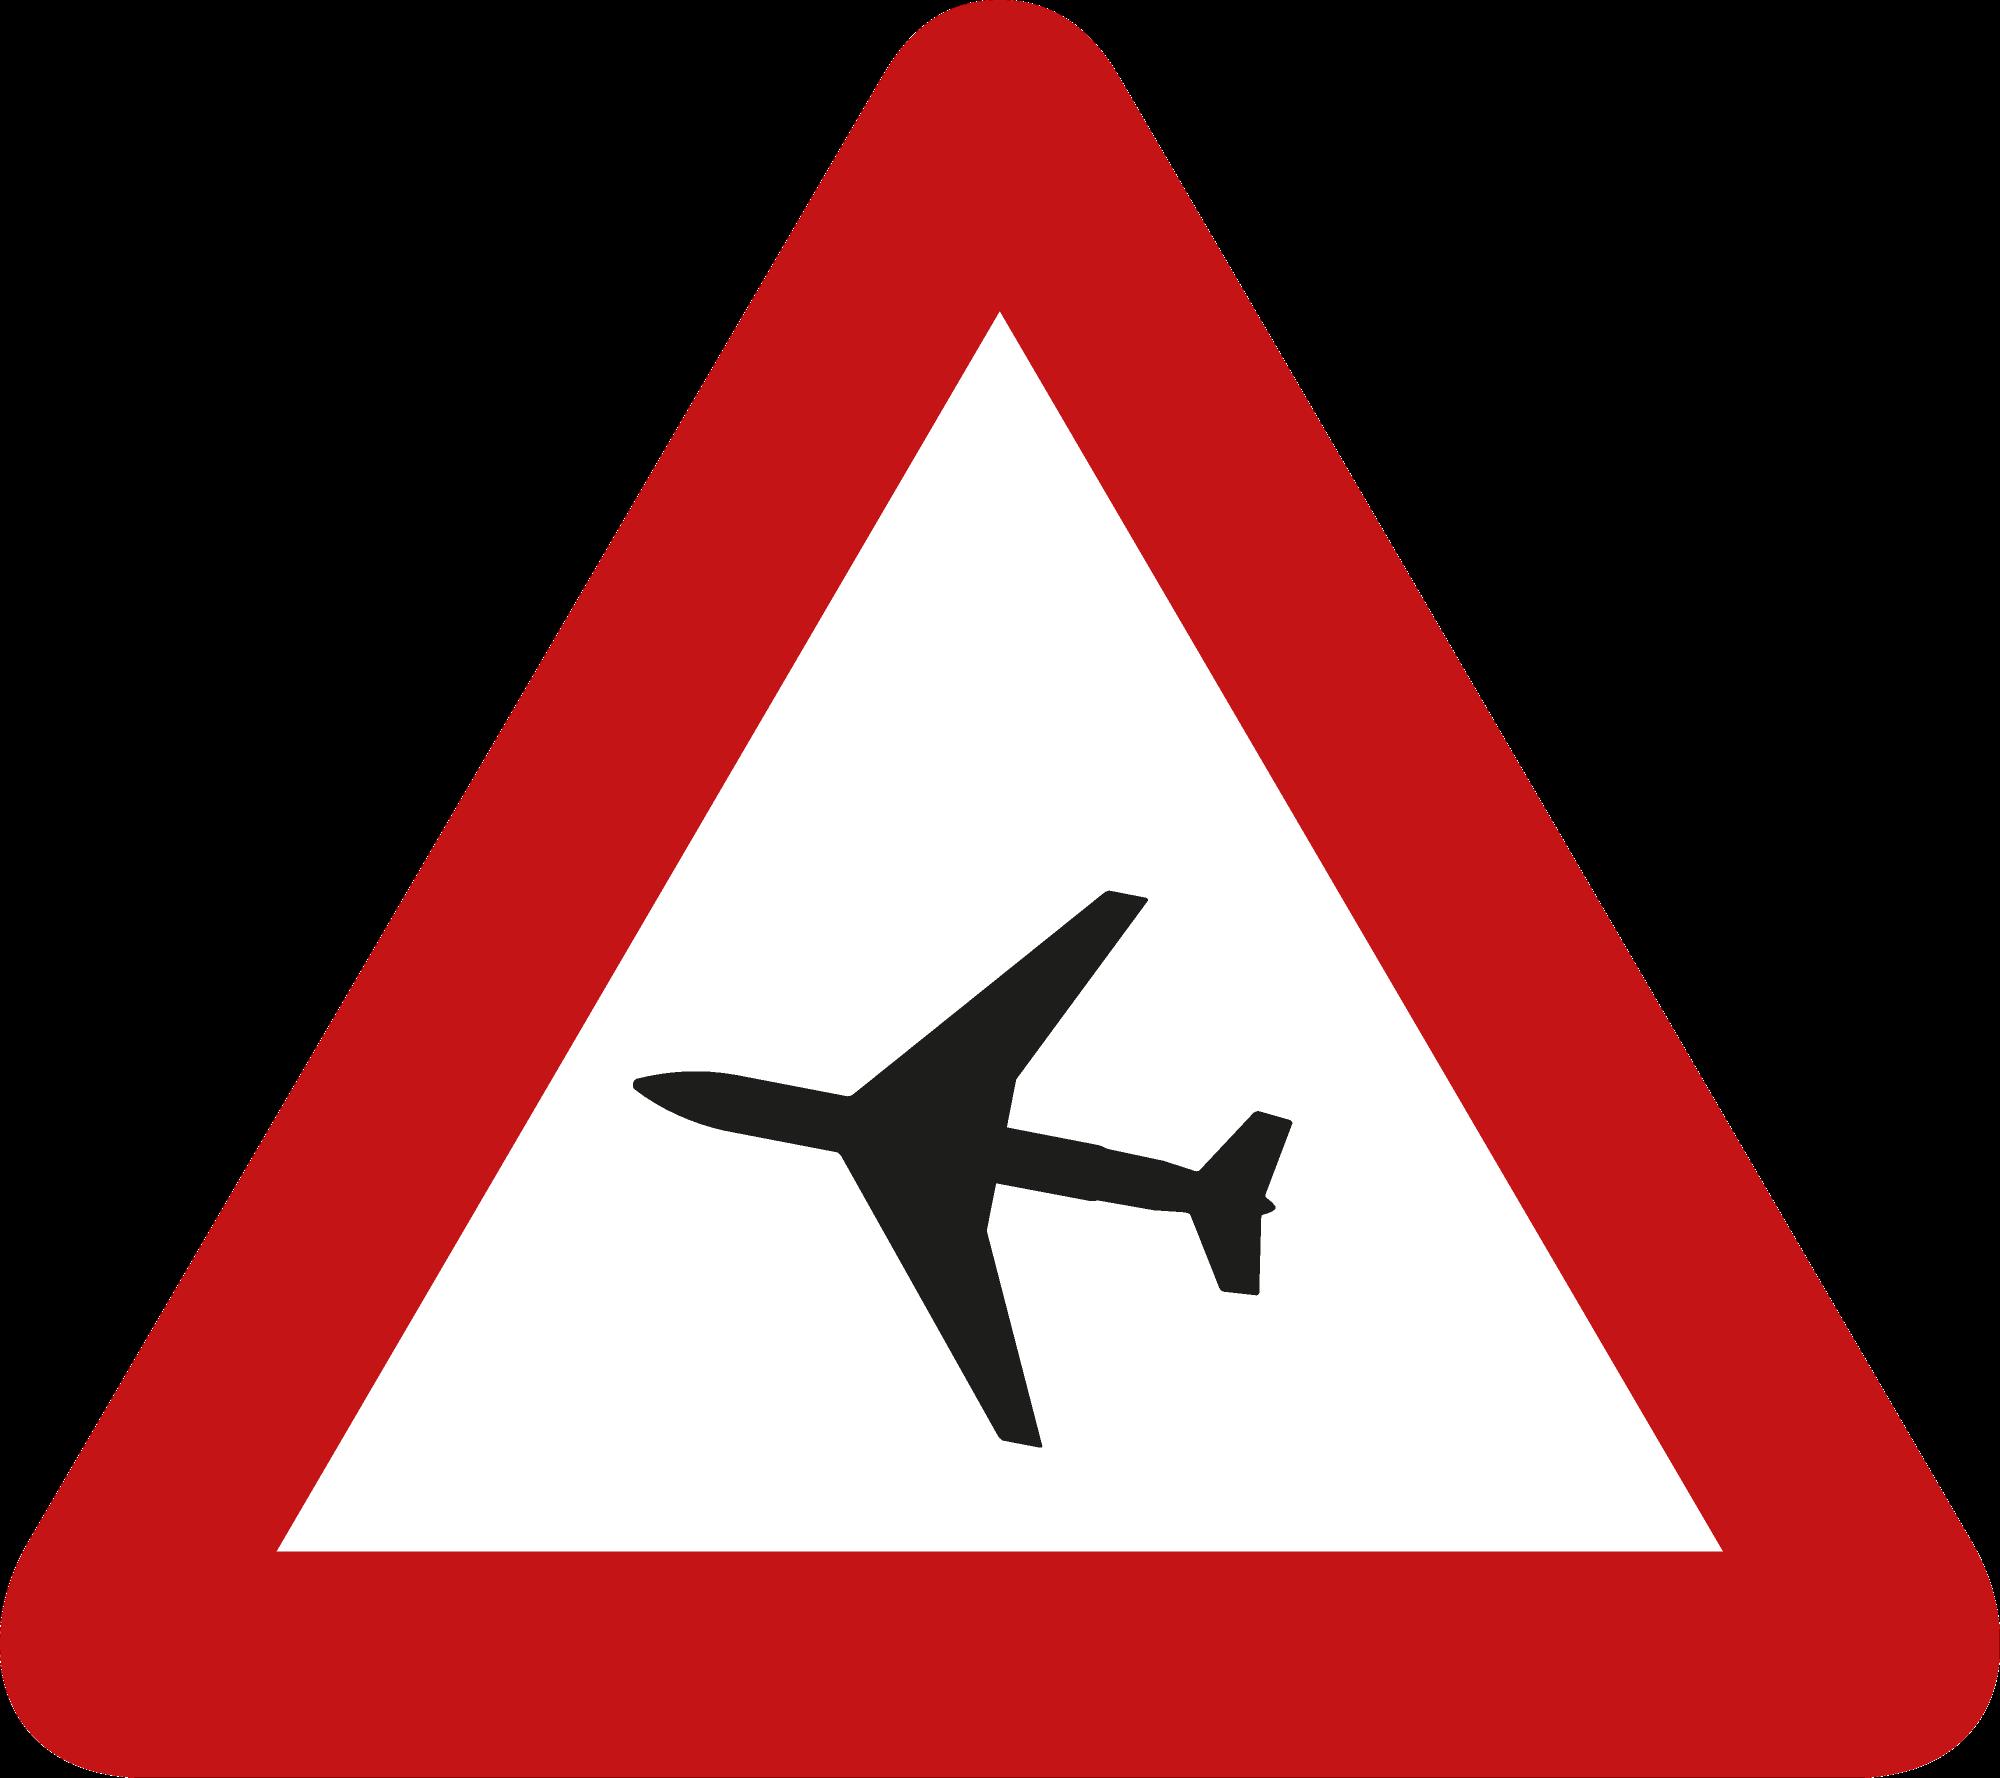 Signface - A35 - klasse  I - zijde 400 mm